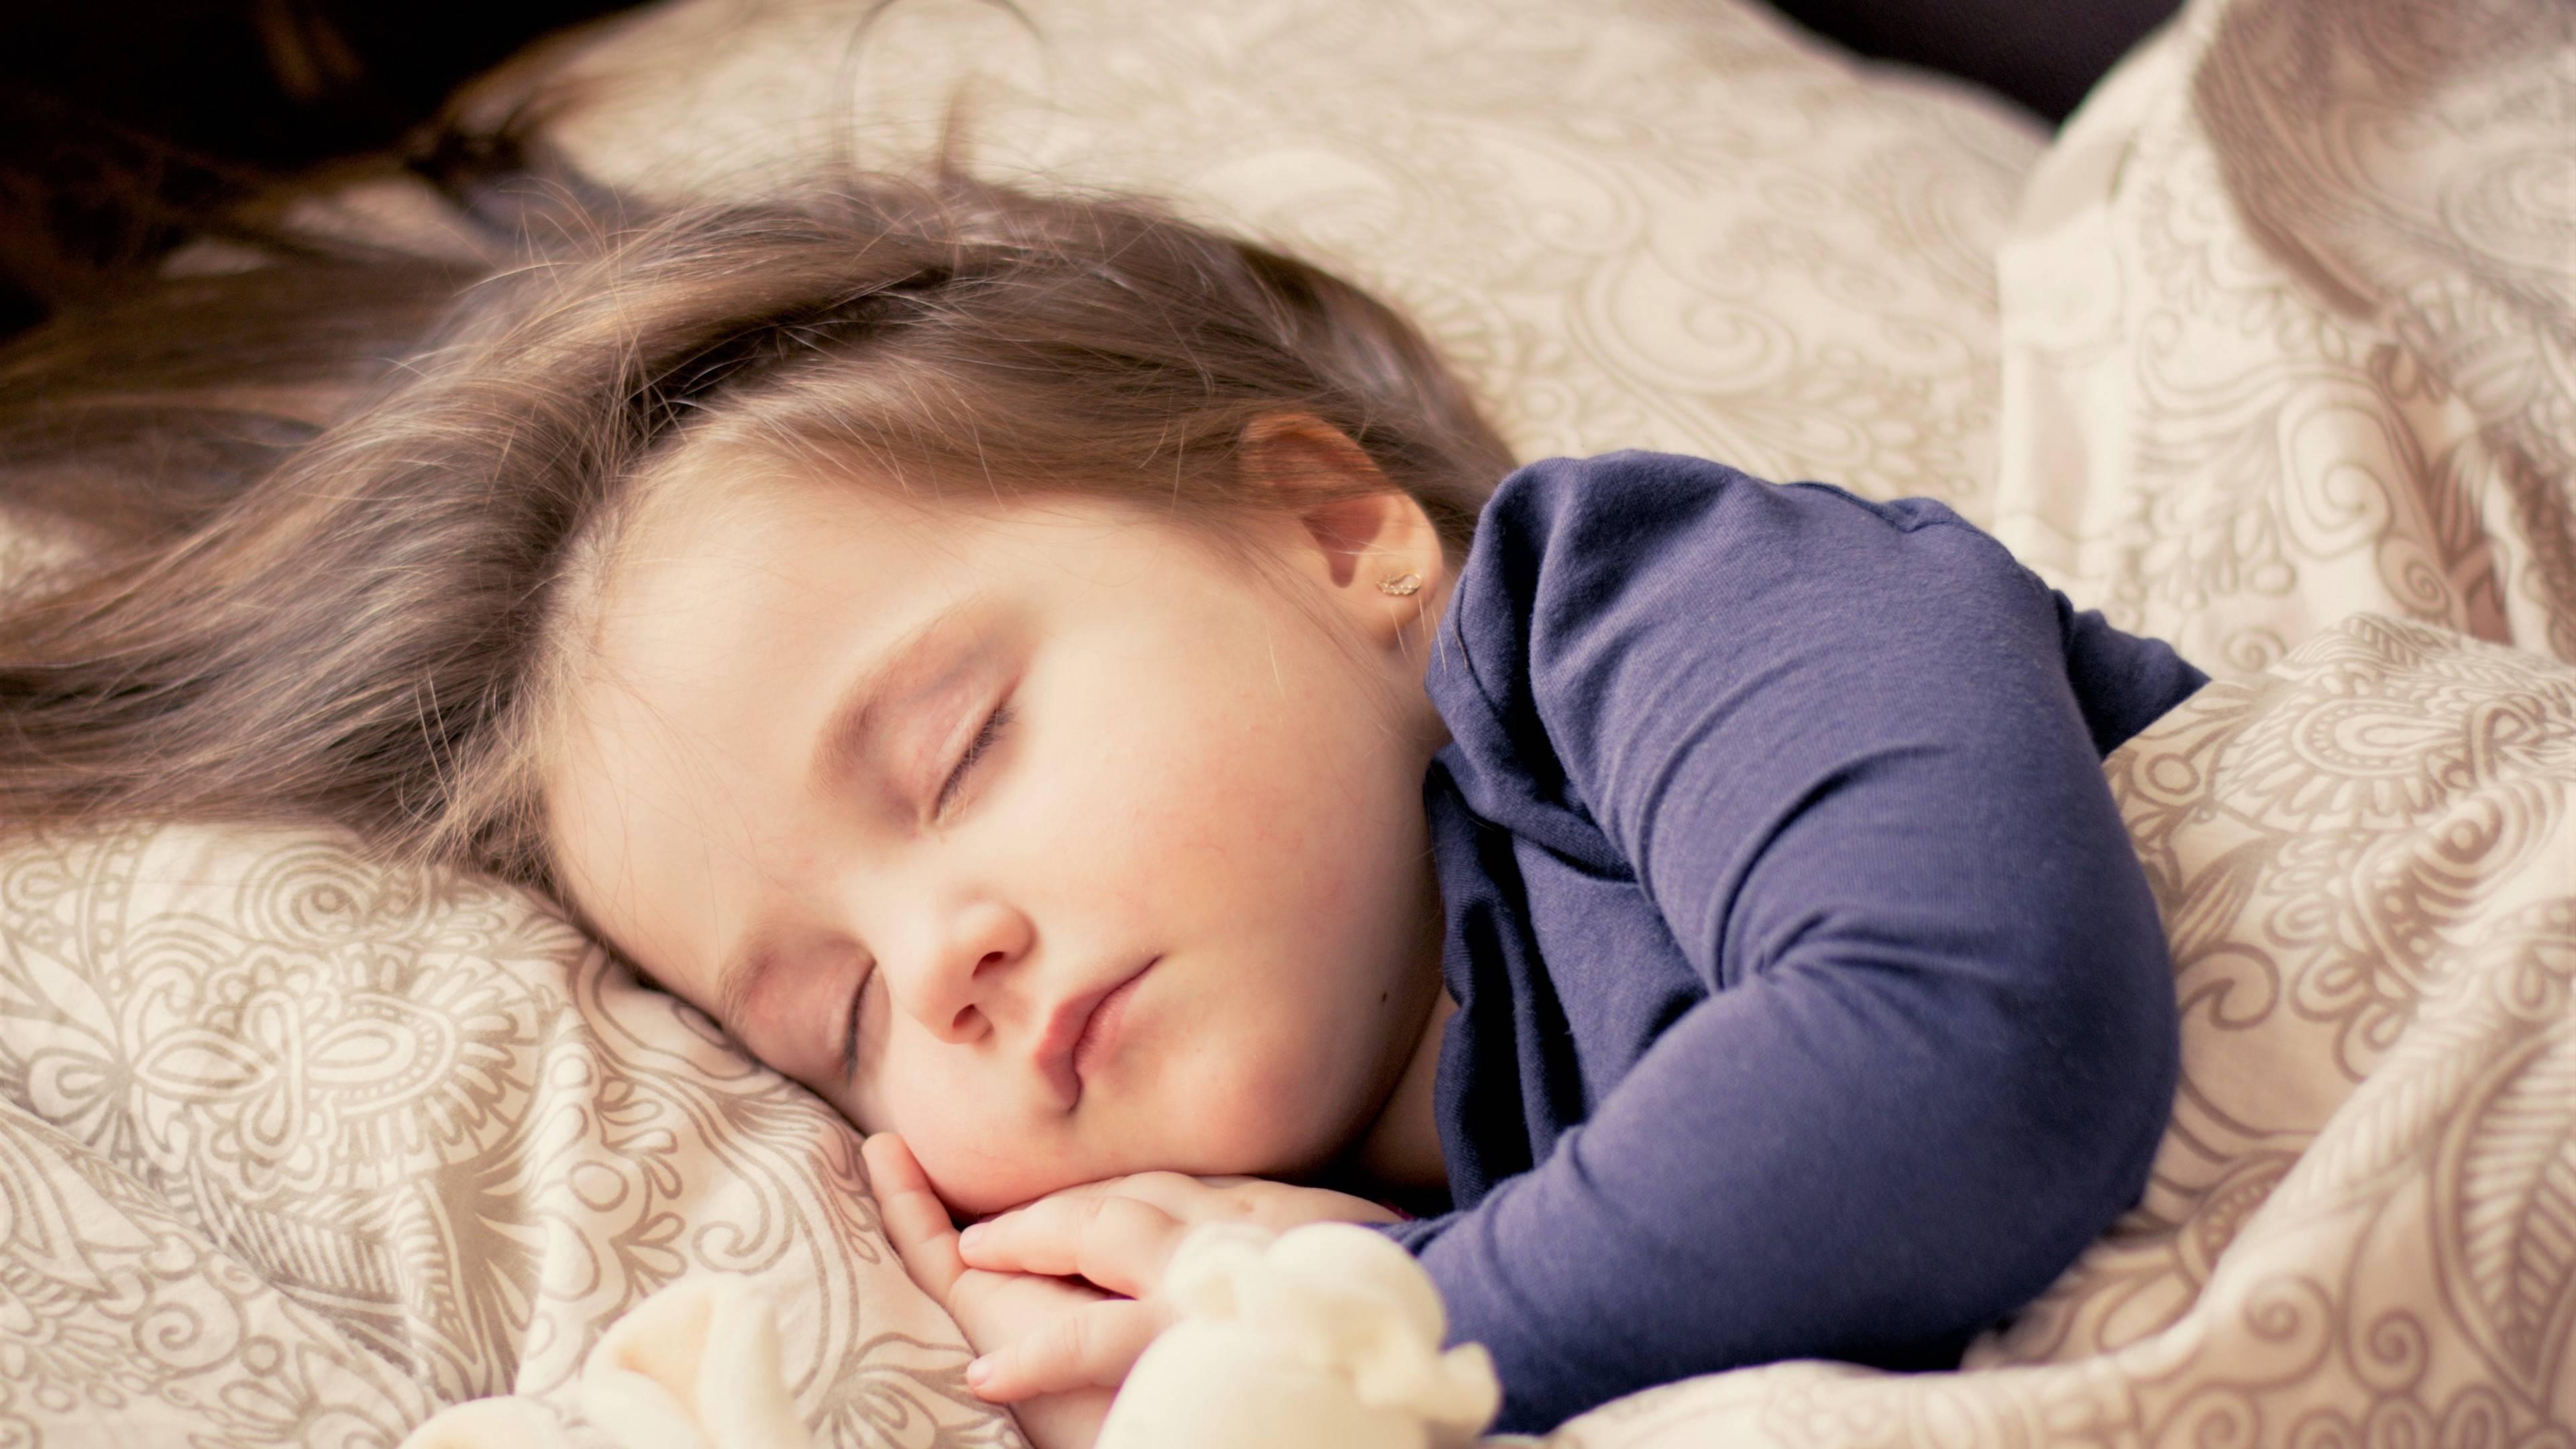 تنهایی خوابیدن،کودک،والدین،مشکلات عاطفی،وابستگی،روابط زوجین،اعتماد به نفس،اضطراب جدایی،تحقیر،تشویق کردن،عوامل تهدید کننده،اتاق کودک،باز کردن،اختلال خواب، تنبیه